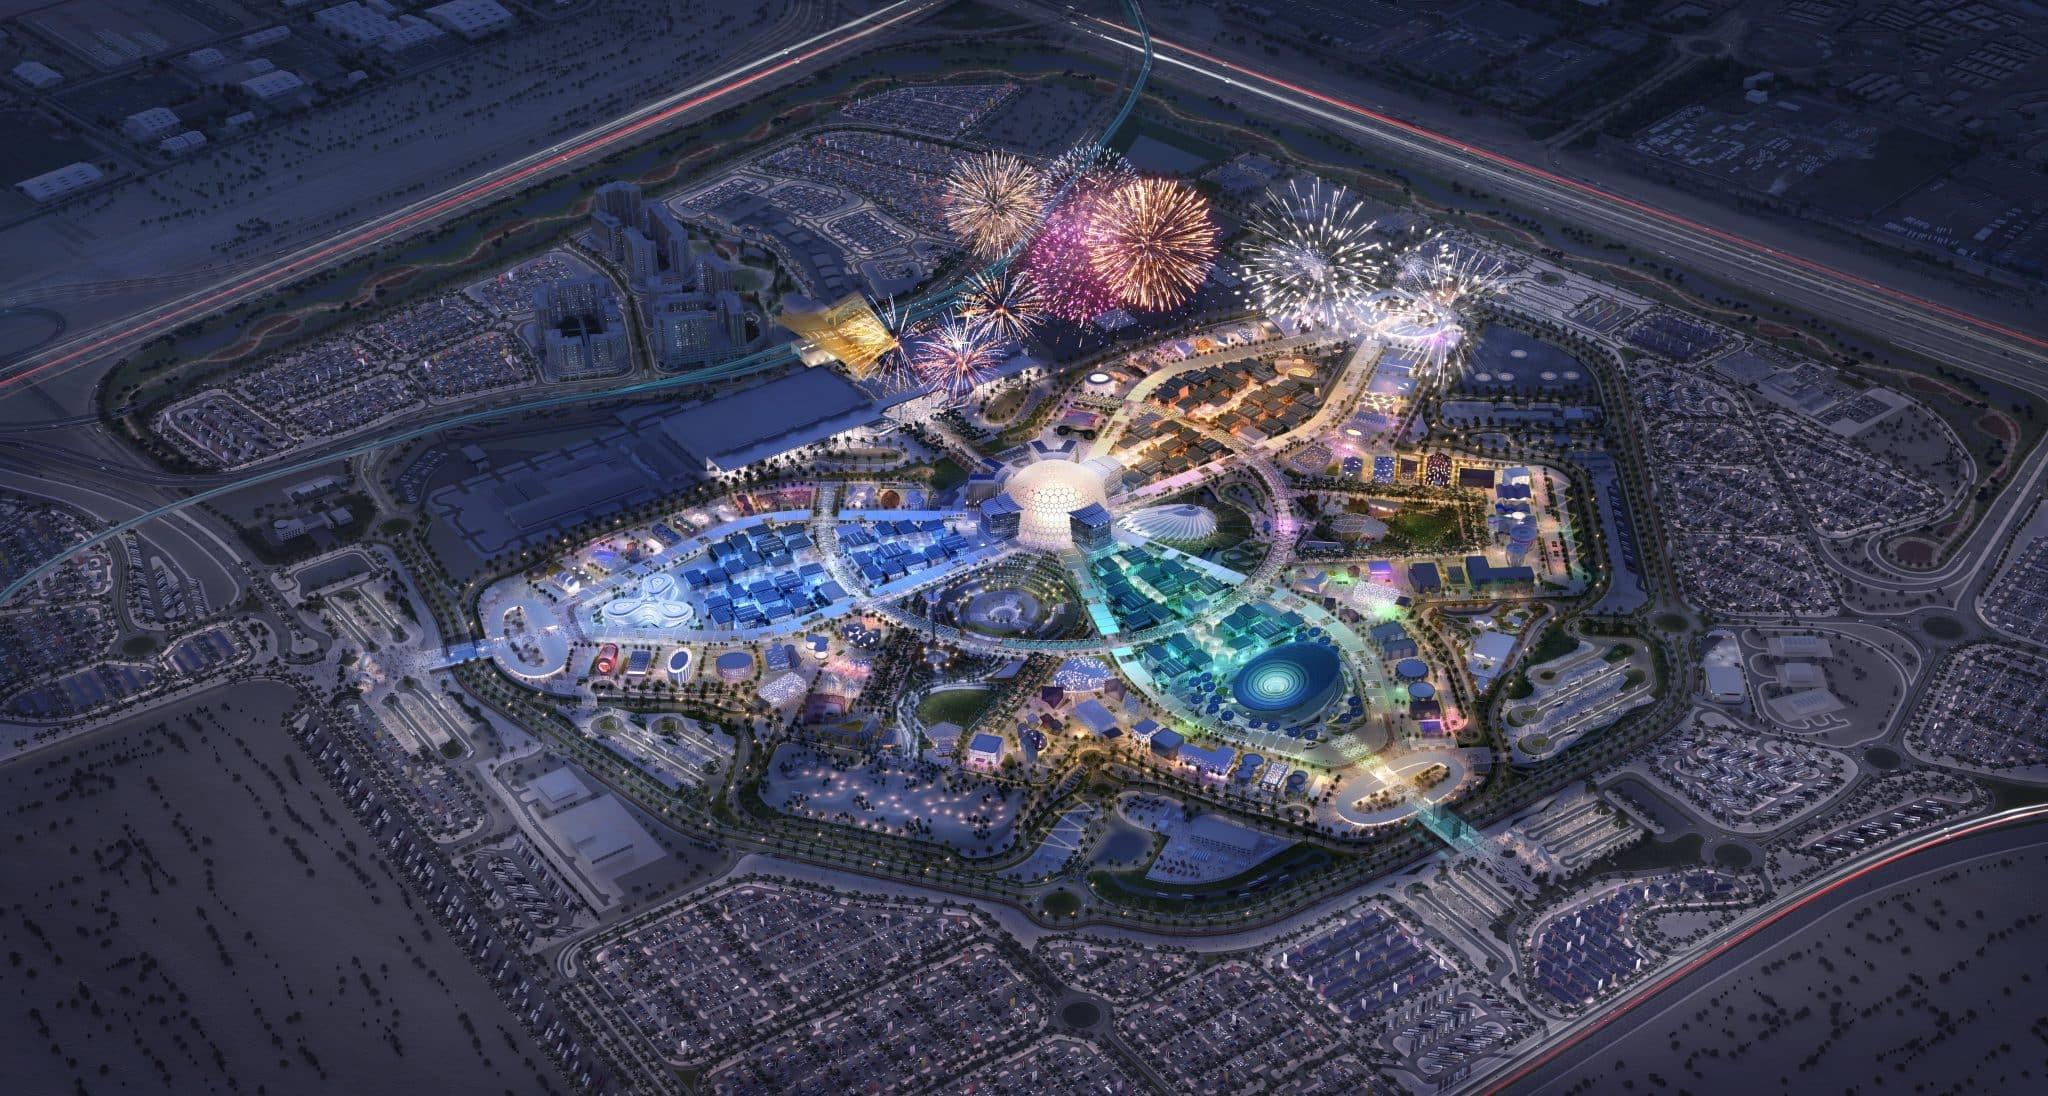 Areál EXPO Dubai 2020 (nočný pohľad)